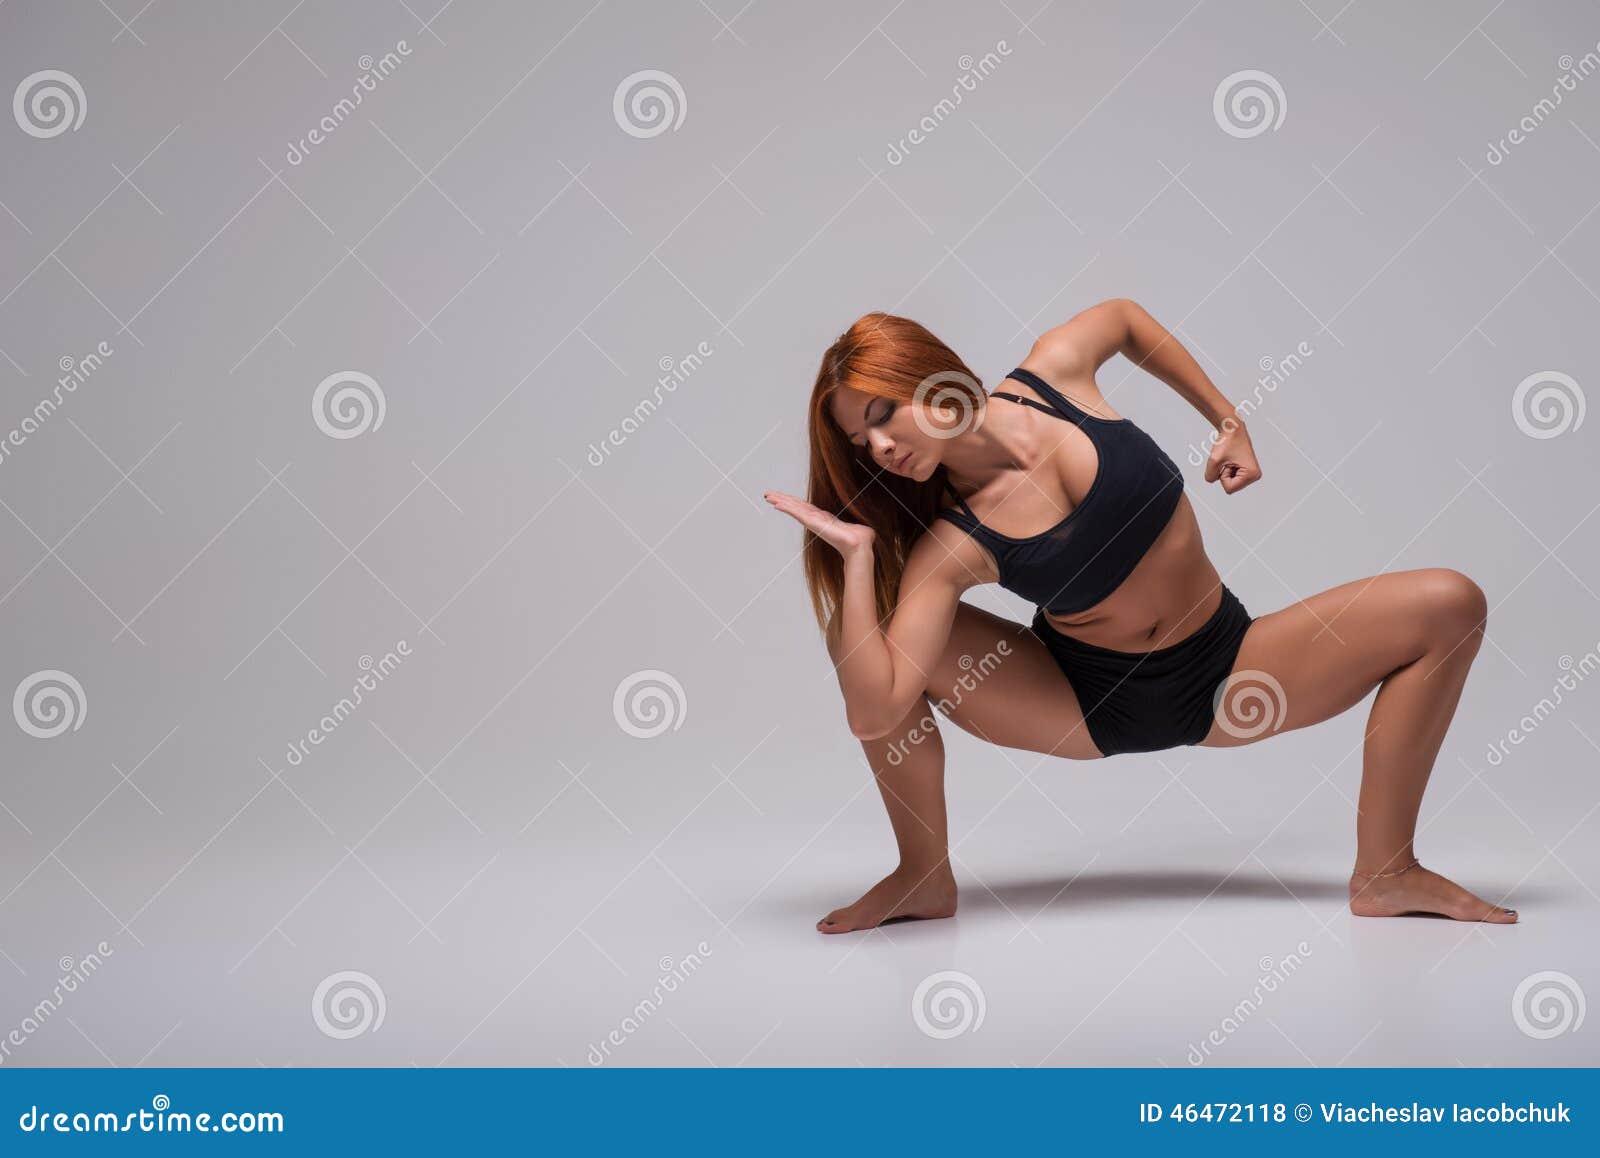 Sexy Gymnast Thumbs 53